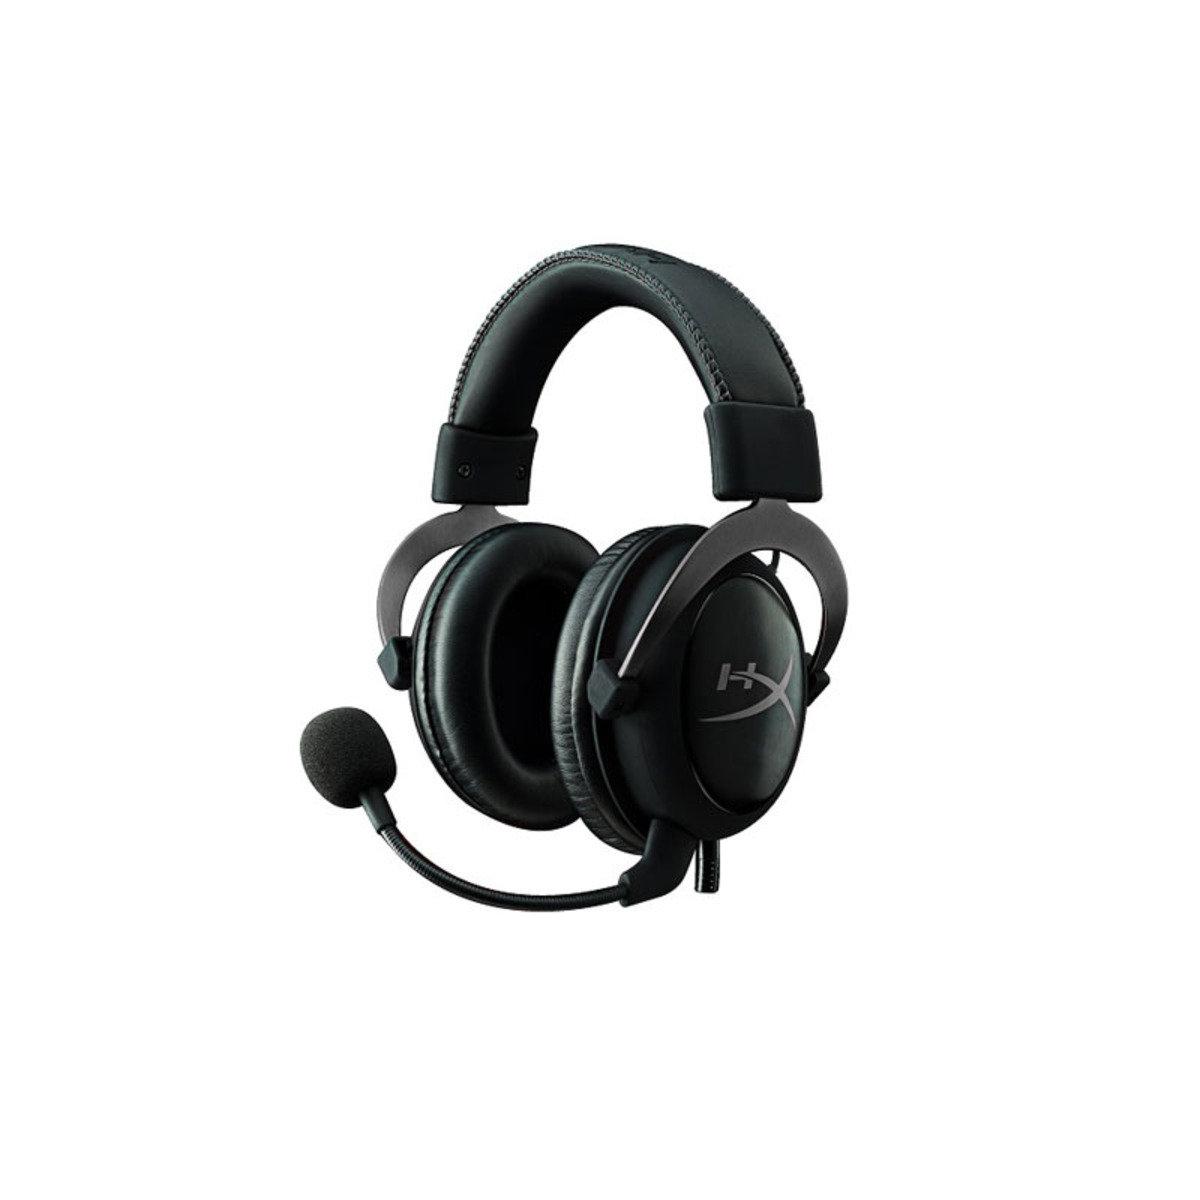 頭戴式 專業電競耳機 HyperX Cloud II 金屬灰